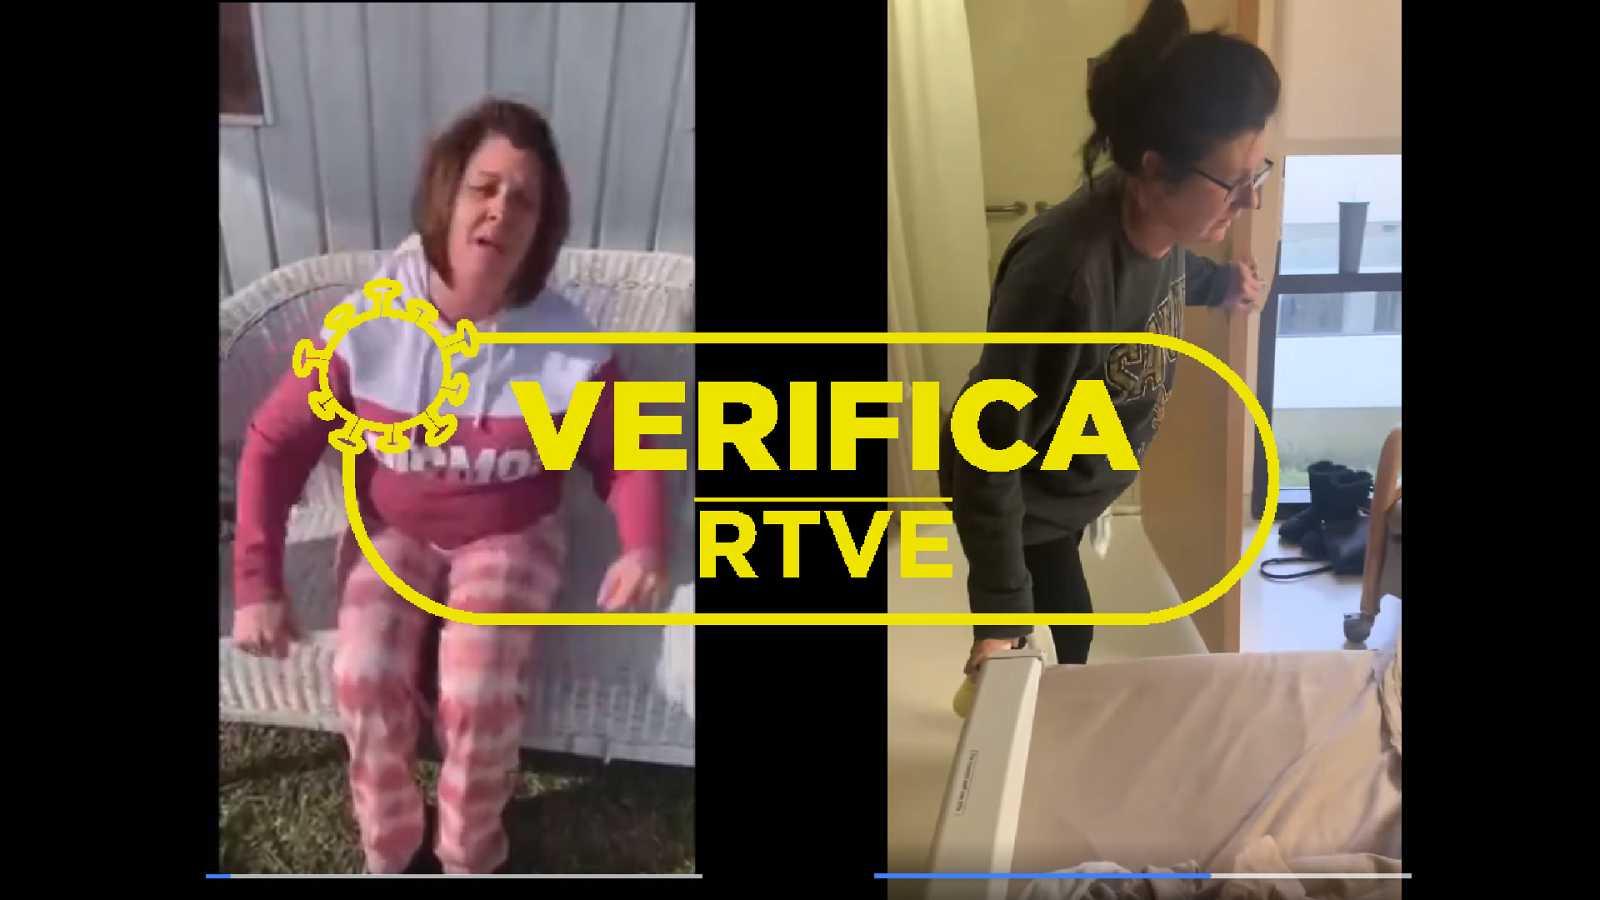 Capturas de dos vídeos que afirman que las vacunas causan temblores, donde se ven a dos mujeres afectadas por los temblores, con el sello de VerificaRTVE